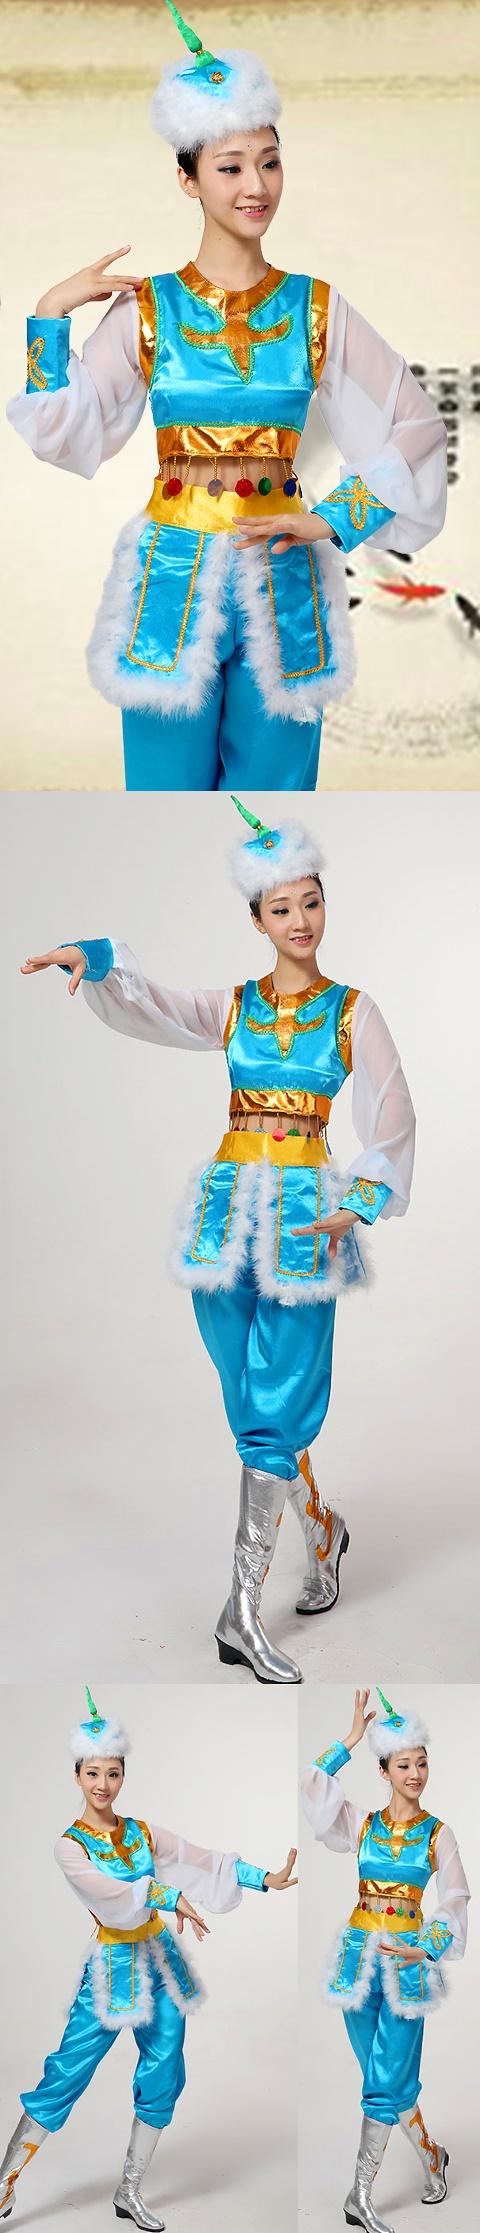 Chinese Ethnic Dancing Costume - Menggu Zu (Mongolian)